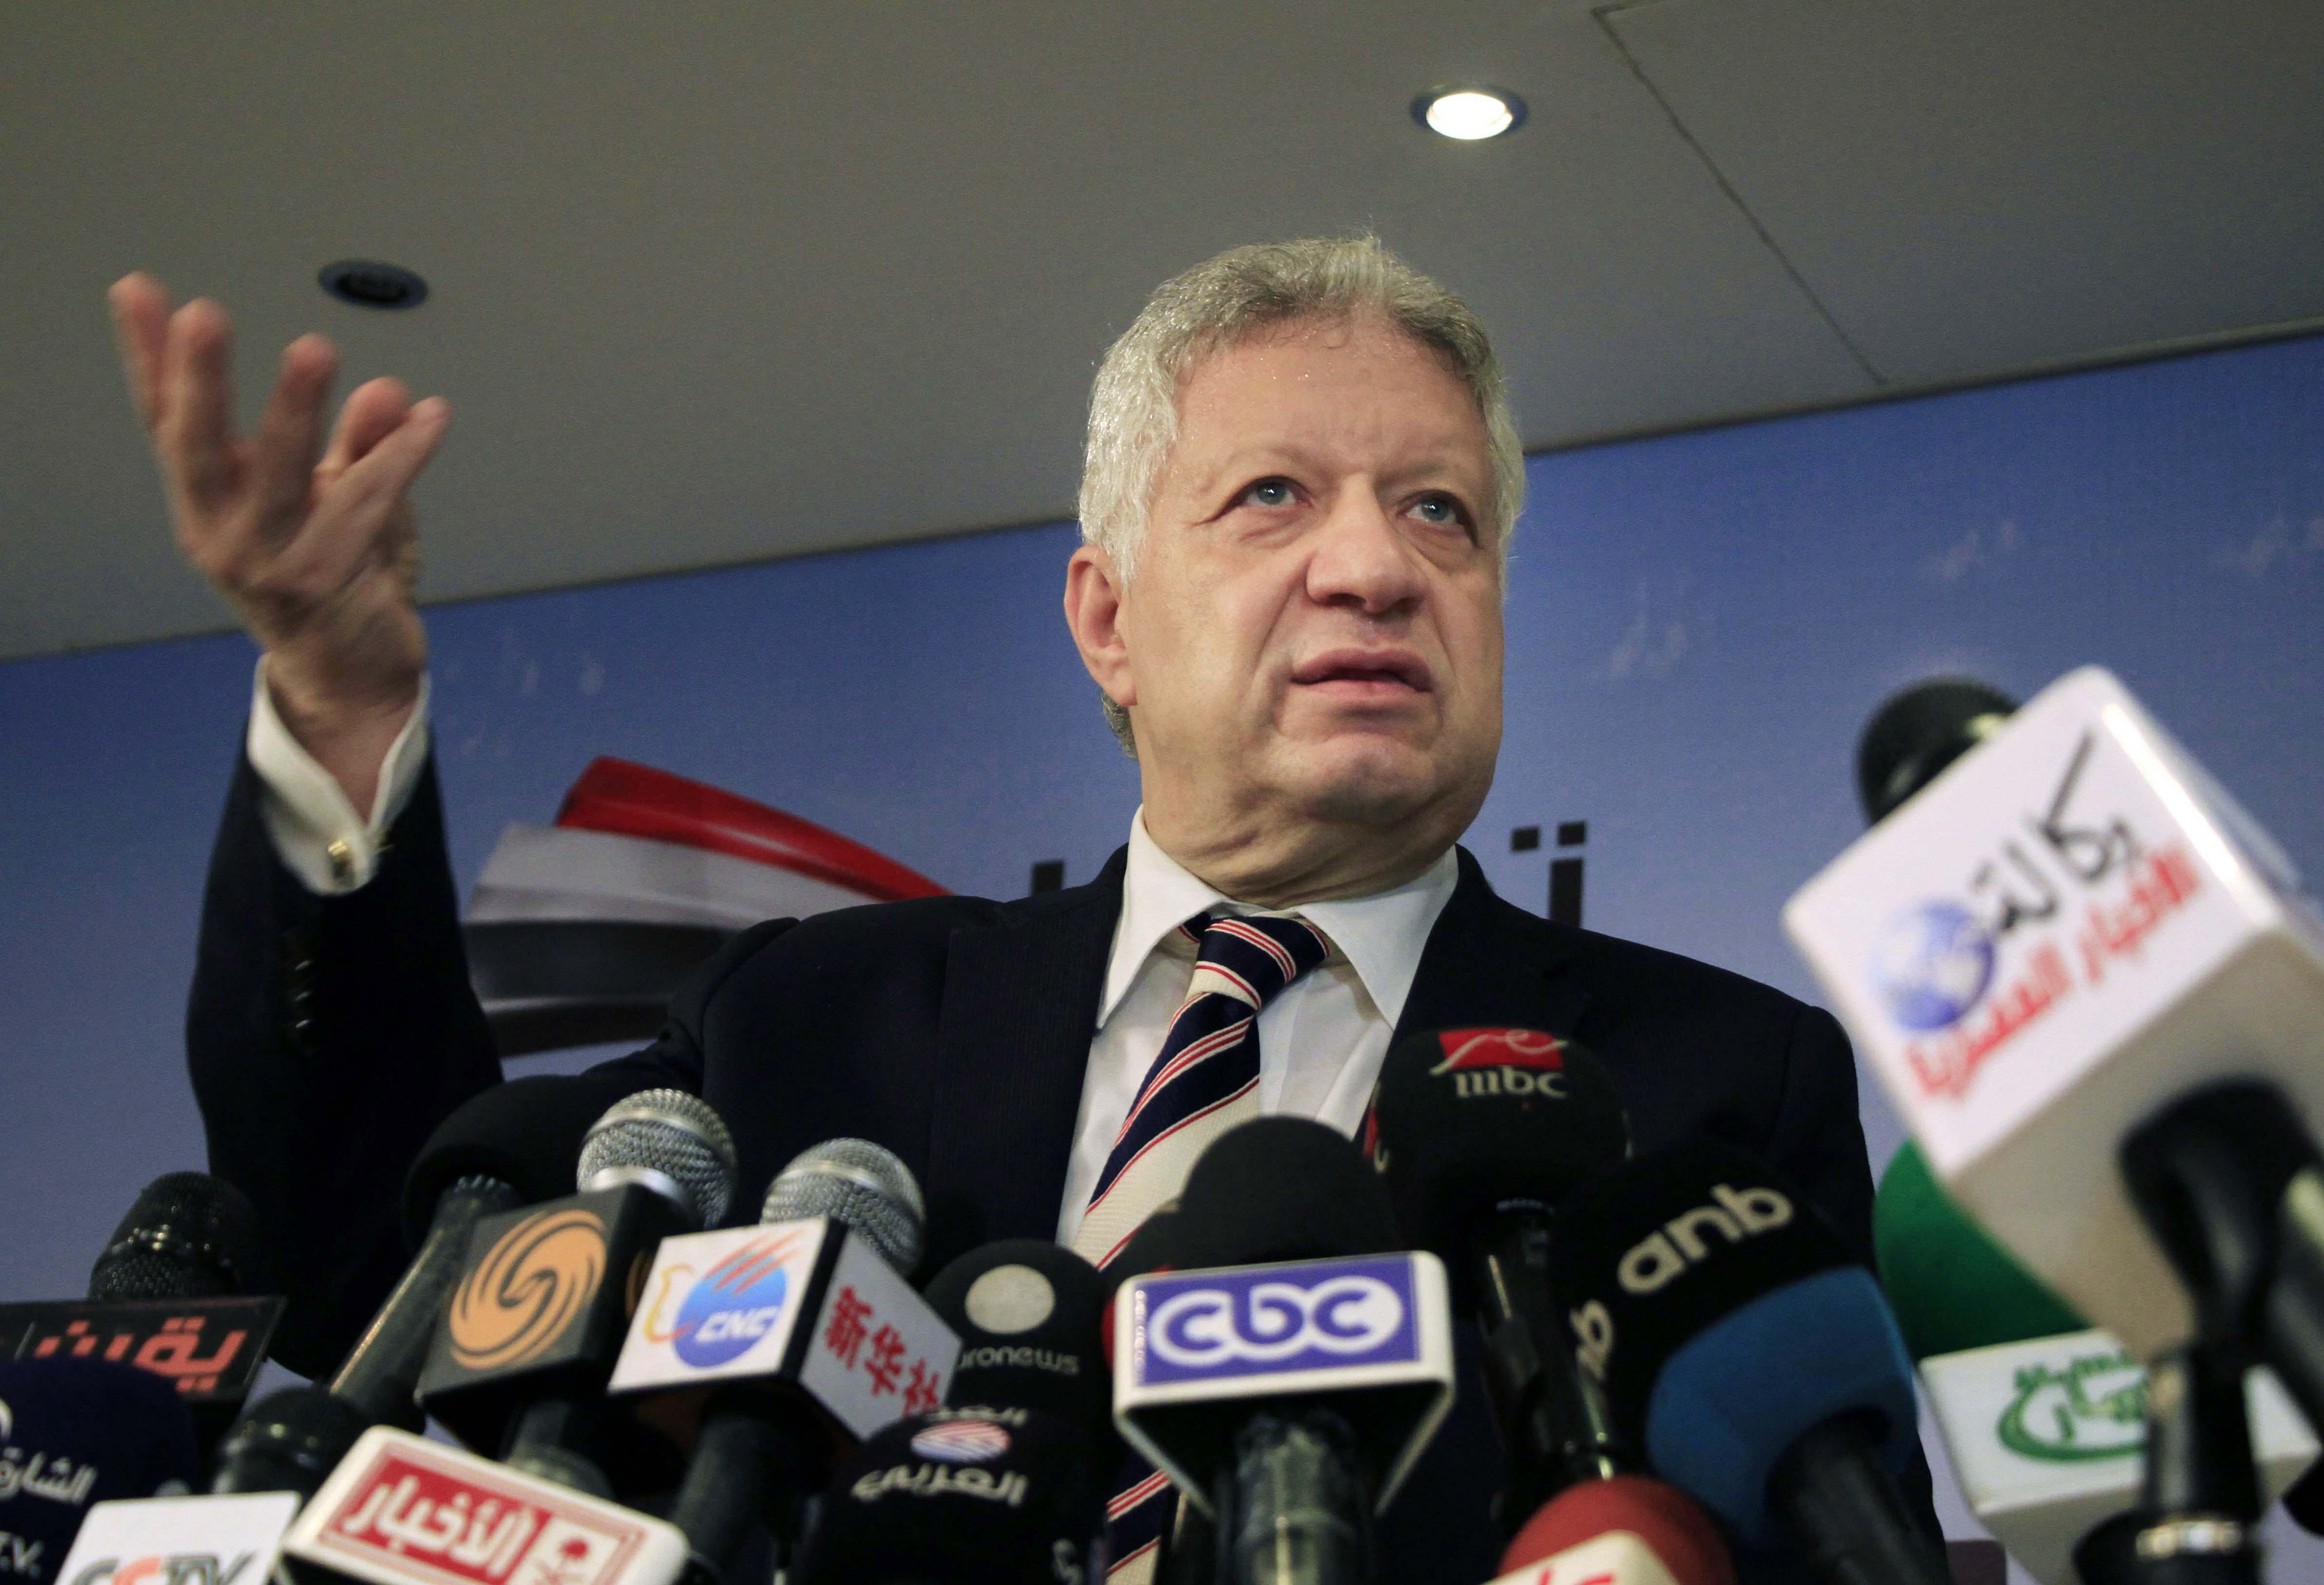 عضو البرلمان المصري ورئيس نادي الزمالك مرتضى منصور